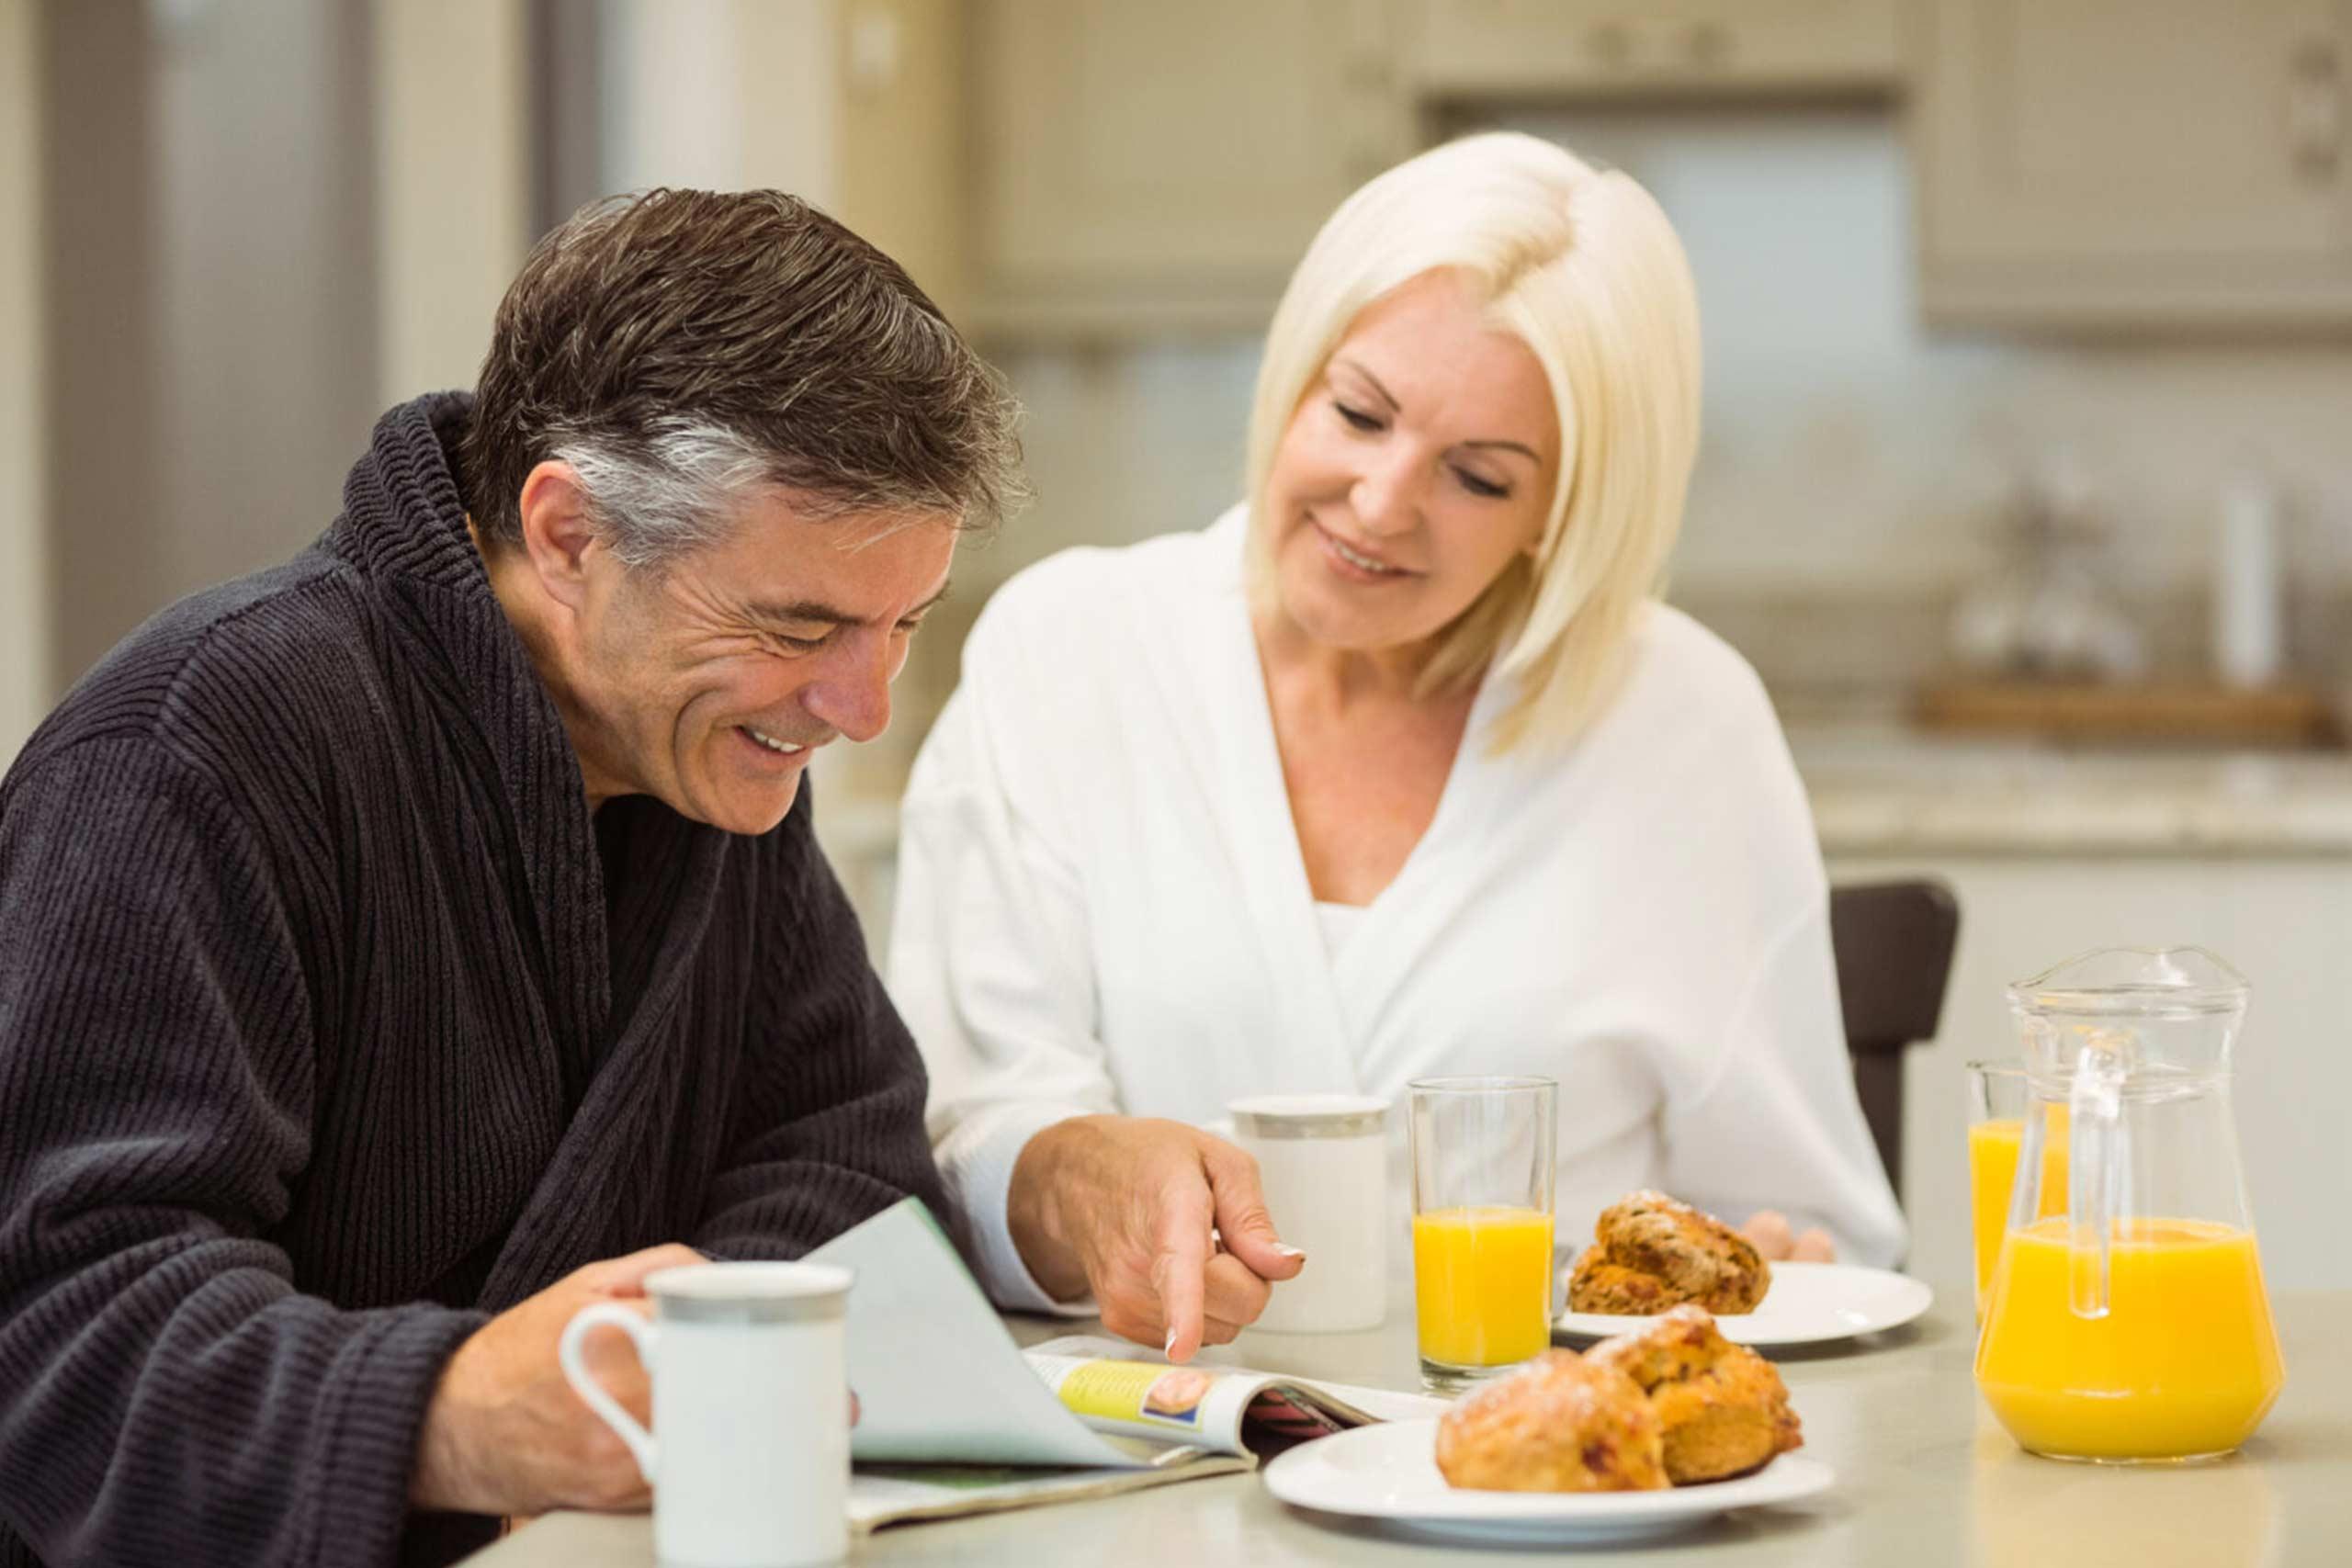 Paar beim Frühstück und Magazin lesen.